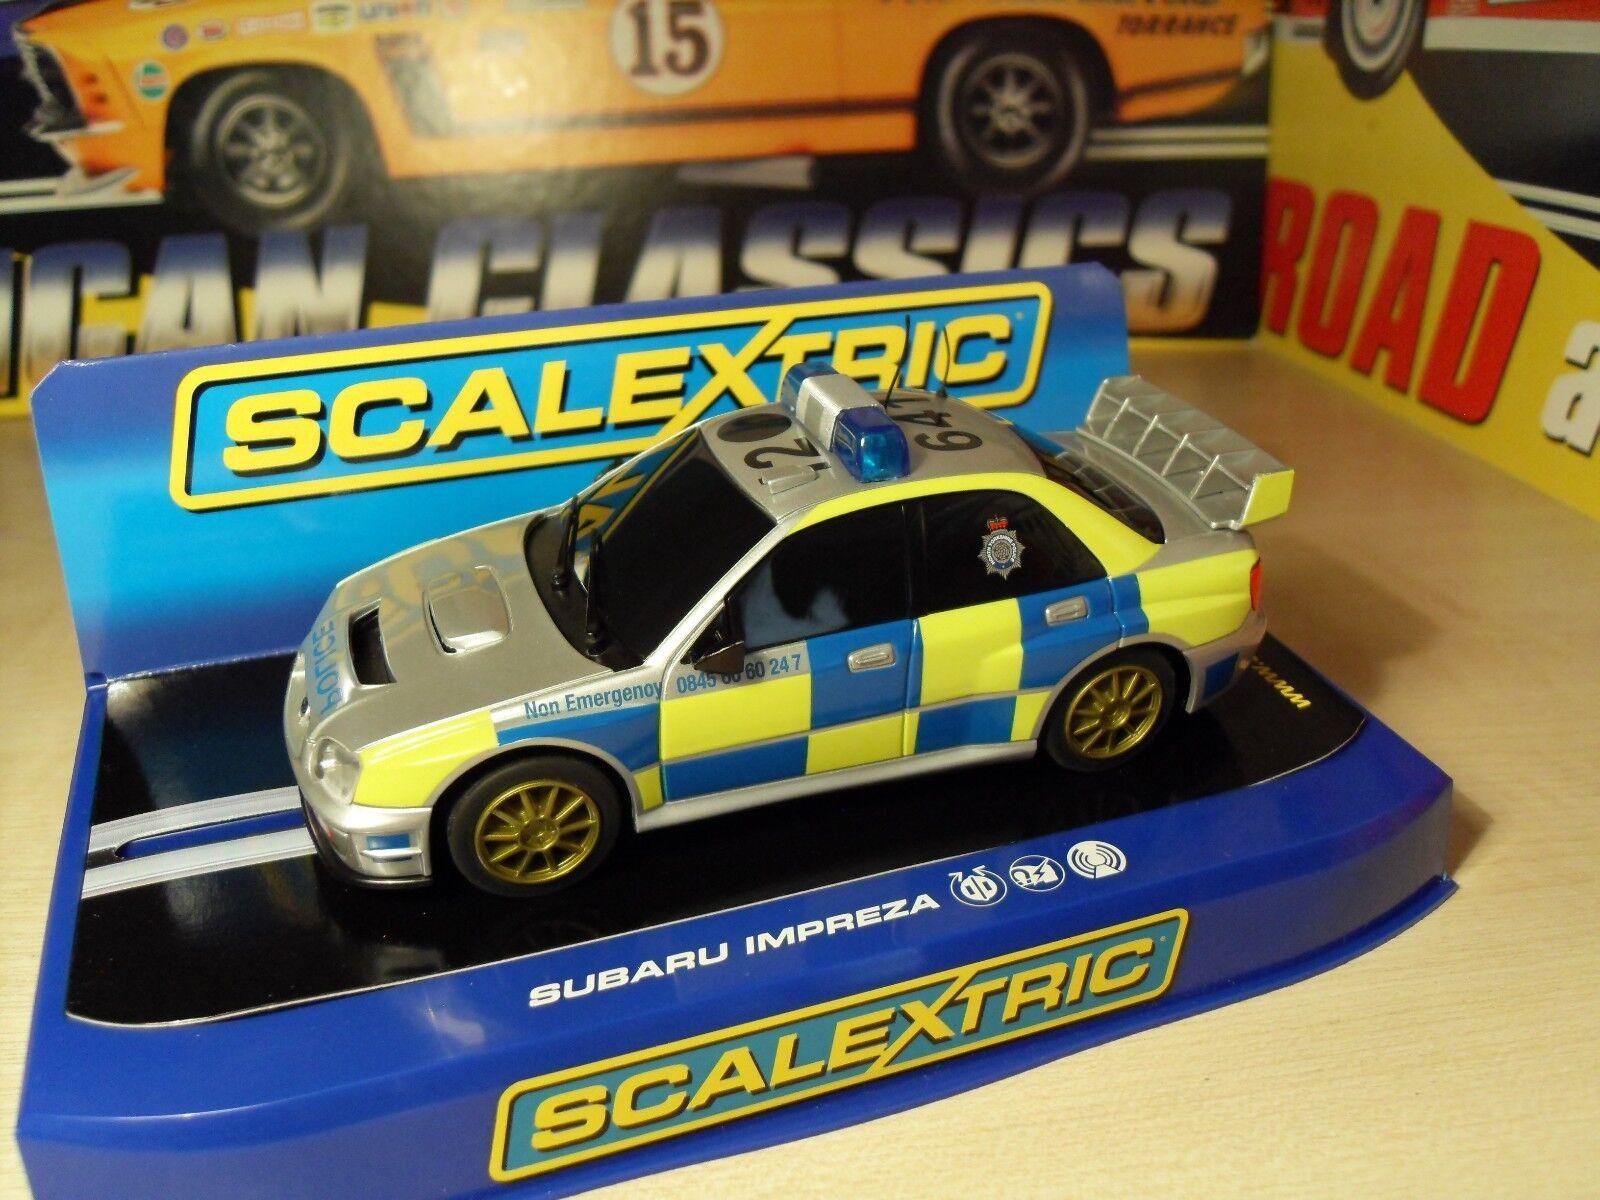 Scalextric C3068 Subaru policía-defecto de fábrica  ver Descripción  - Nuevo En Caja.